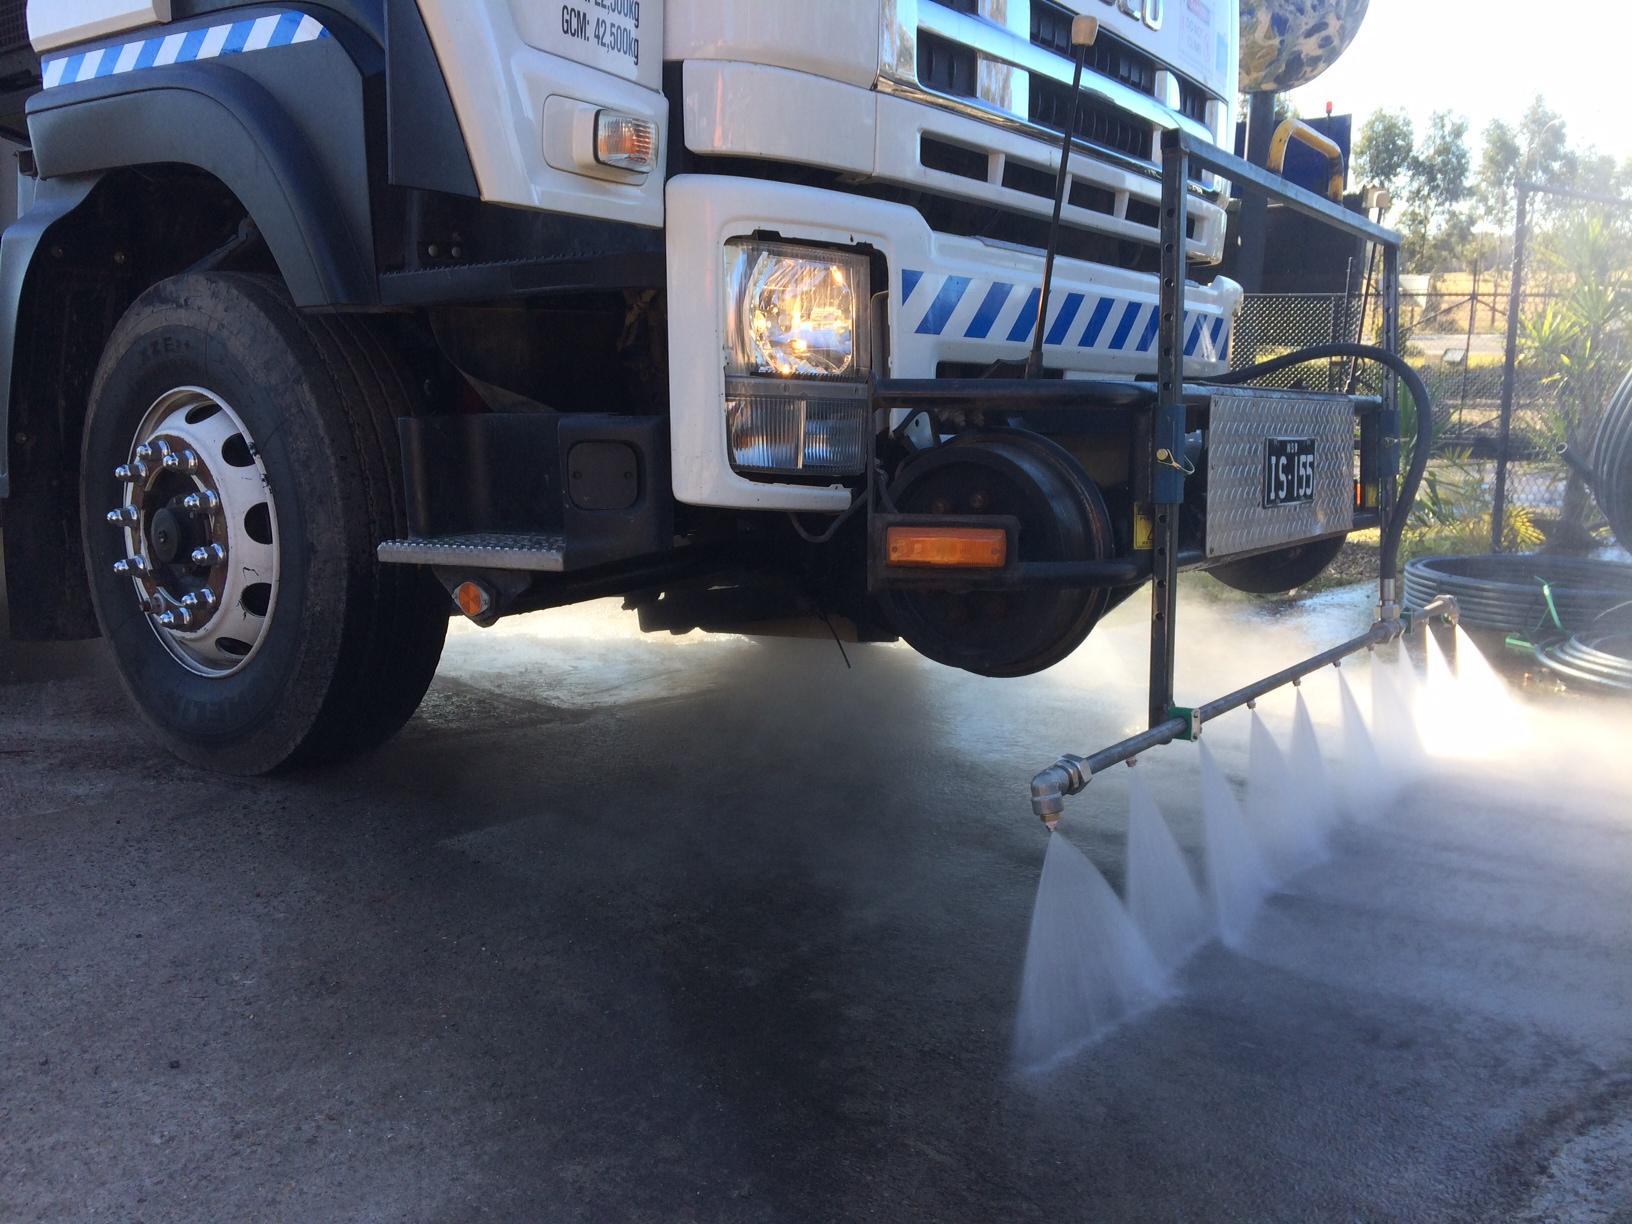 IBLAST-Isuzu-Hirail-Water-Blaster-10000L-Tipper-Tow-Truck-12.jpeg